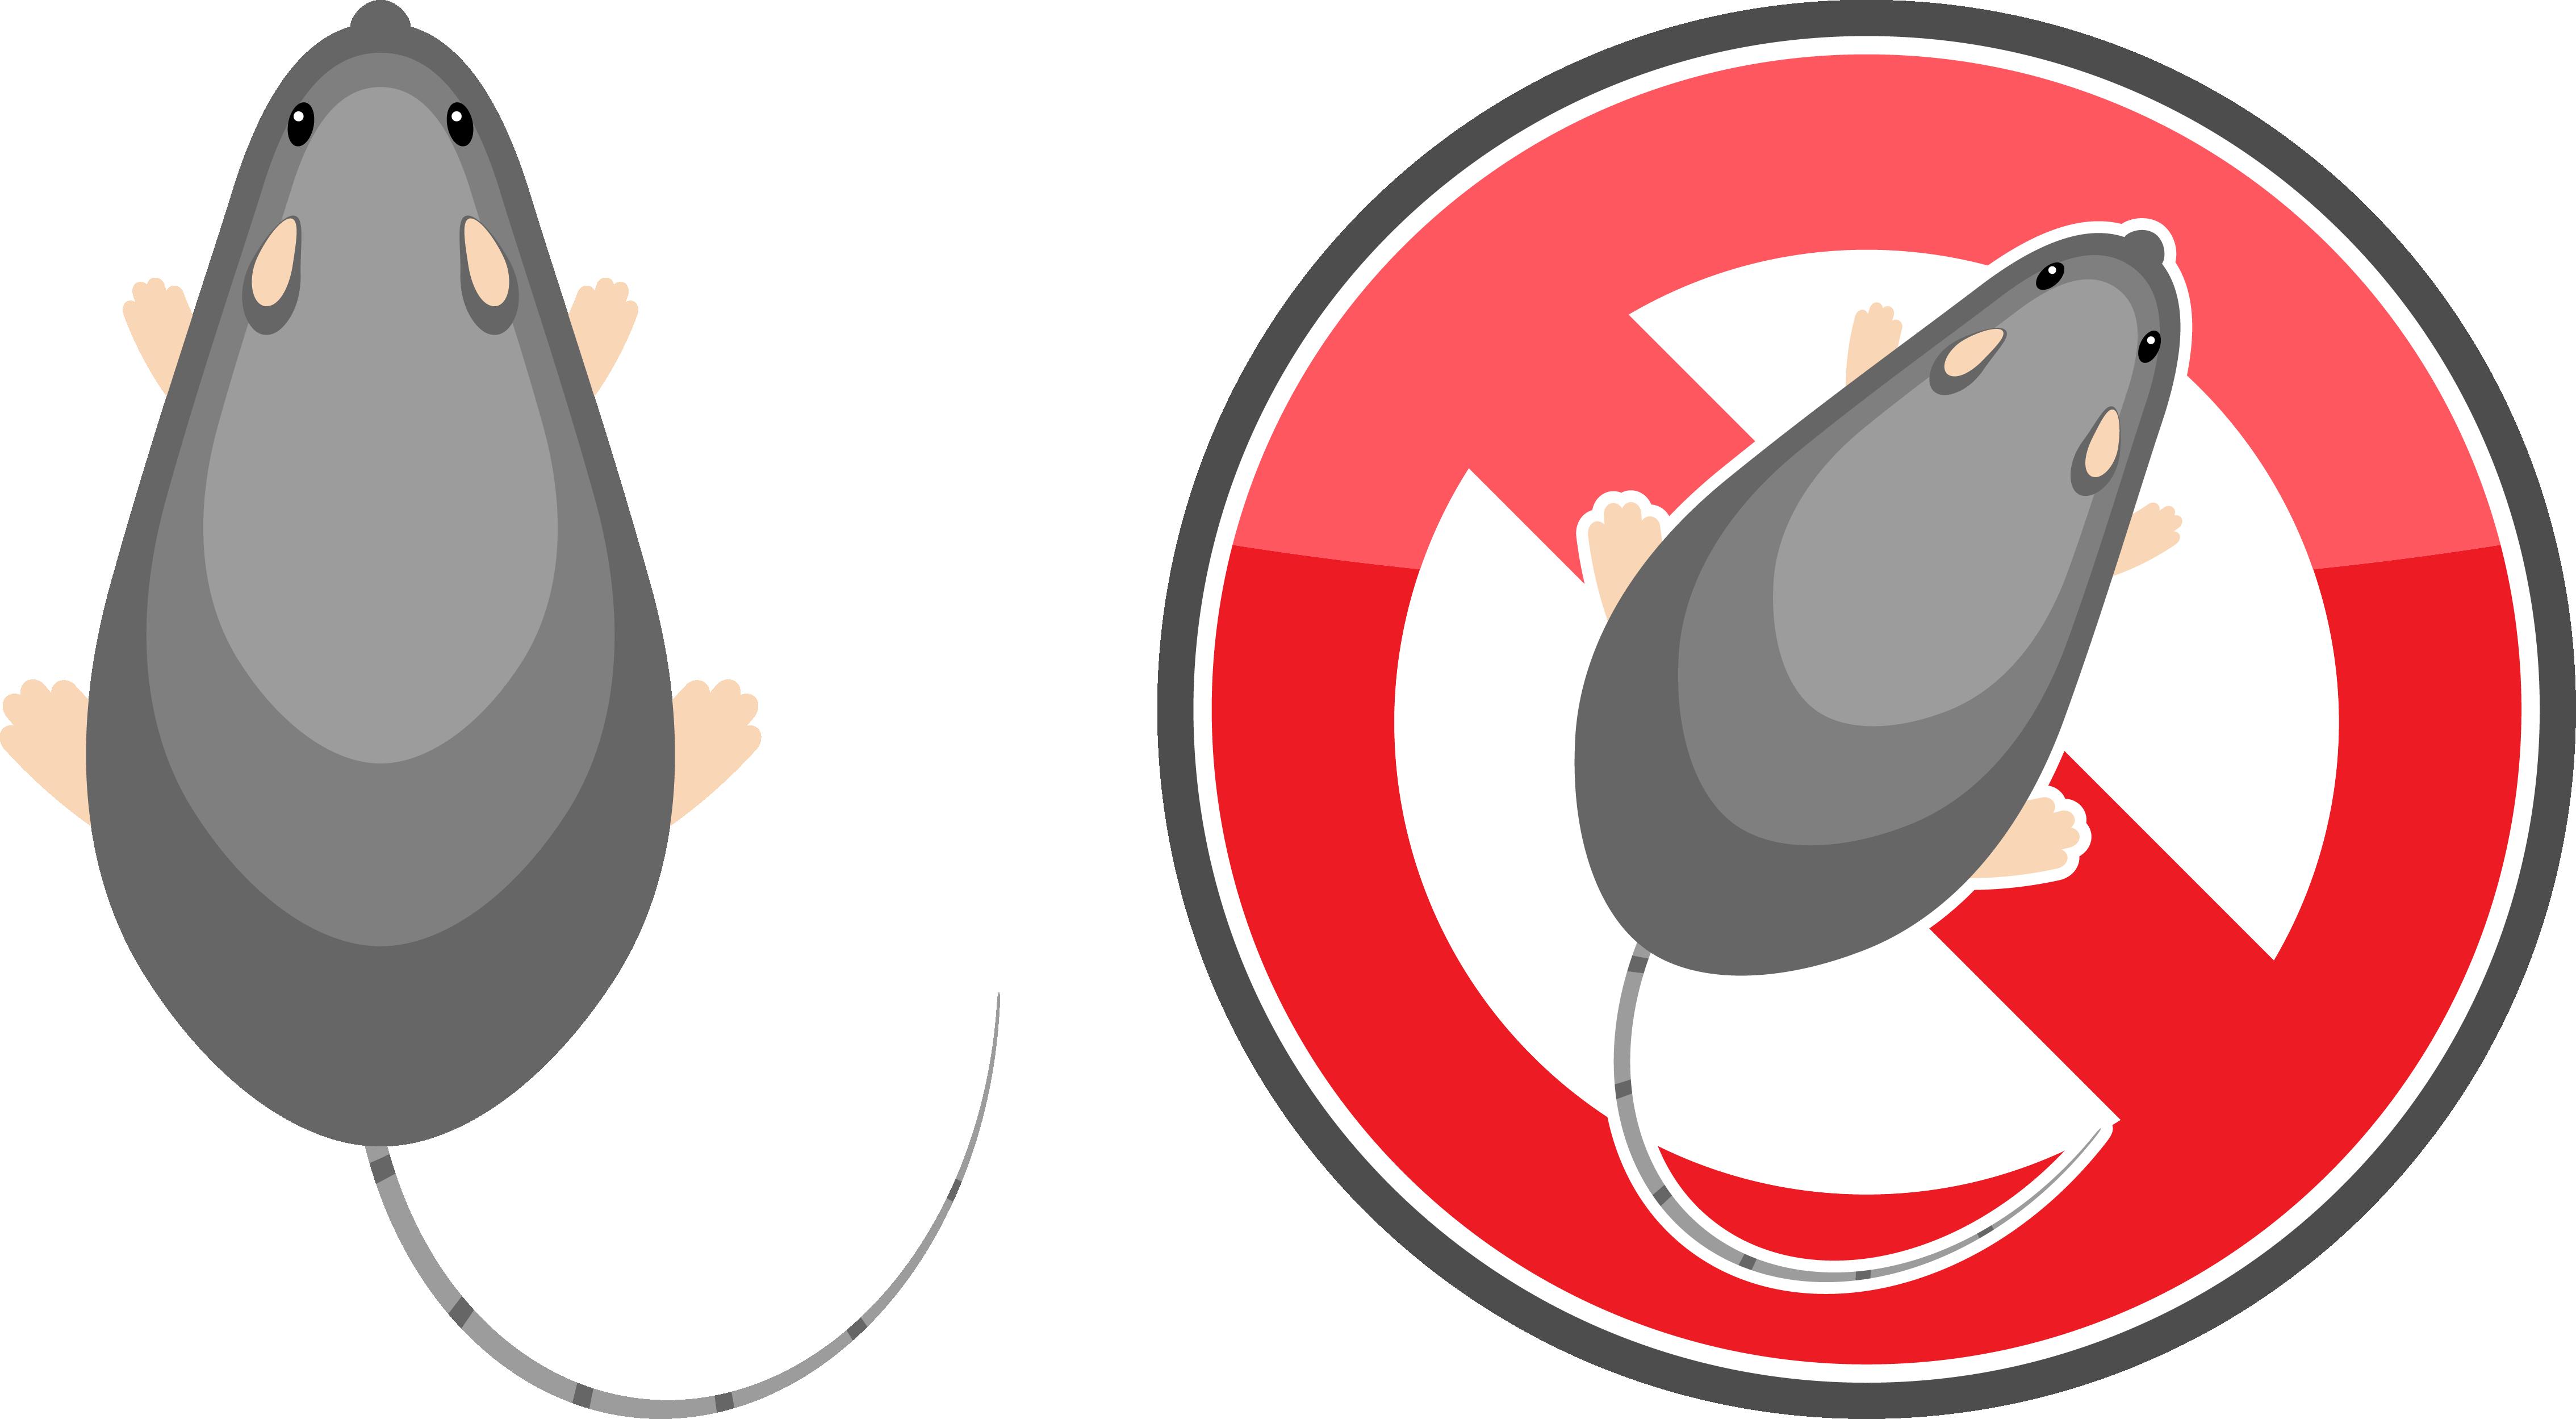 埼玉のネズミ駆除:ネズミ駆除のポイント